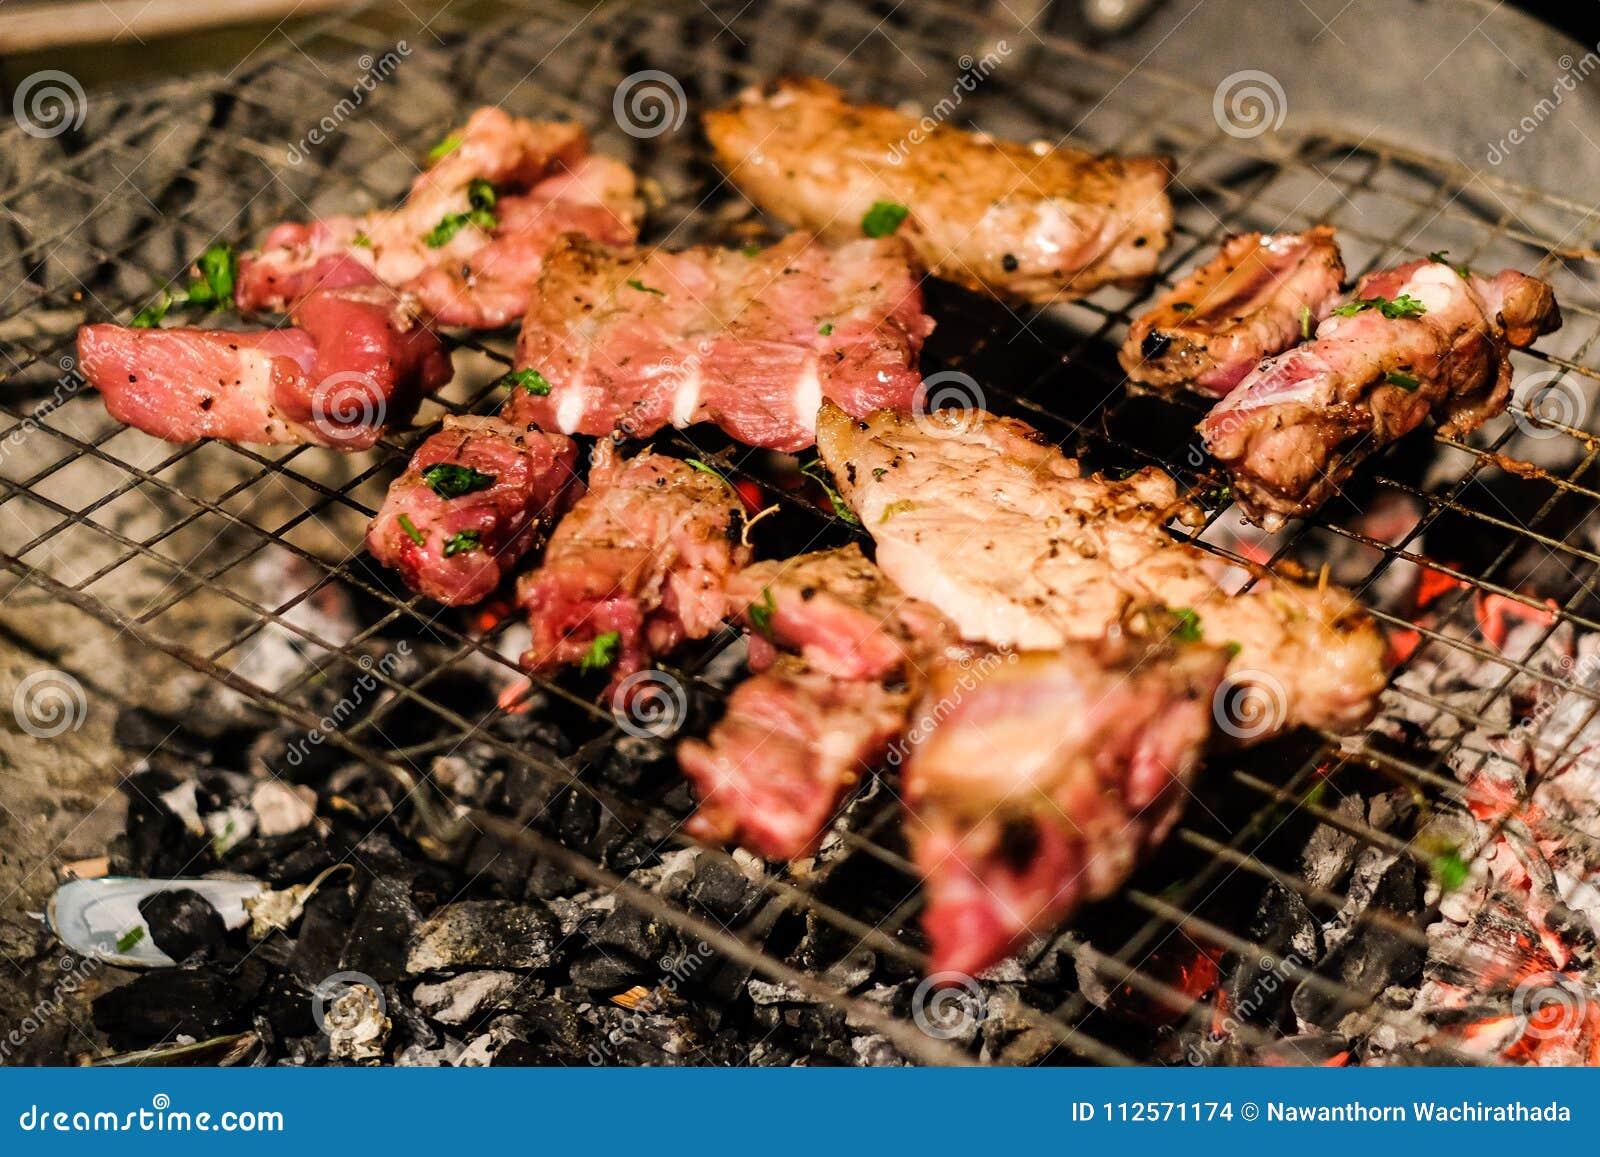 Ψημένο στη σχάρα ένζυμο βόειου κρέατος χοιρινού κρέατος και κρέατος με τη σάλτσα πιπεριών και στρειδιών